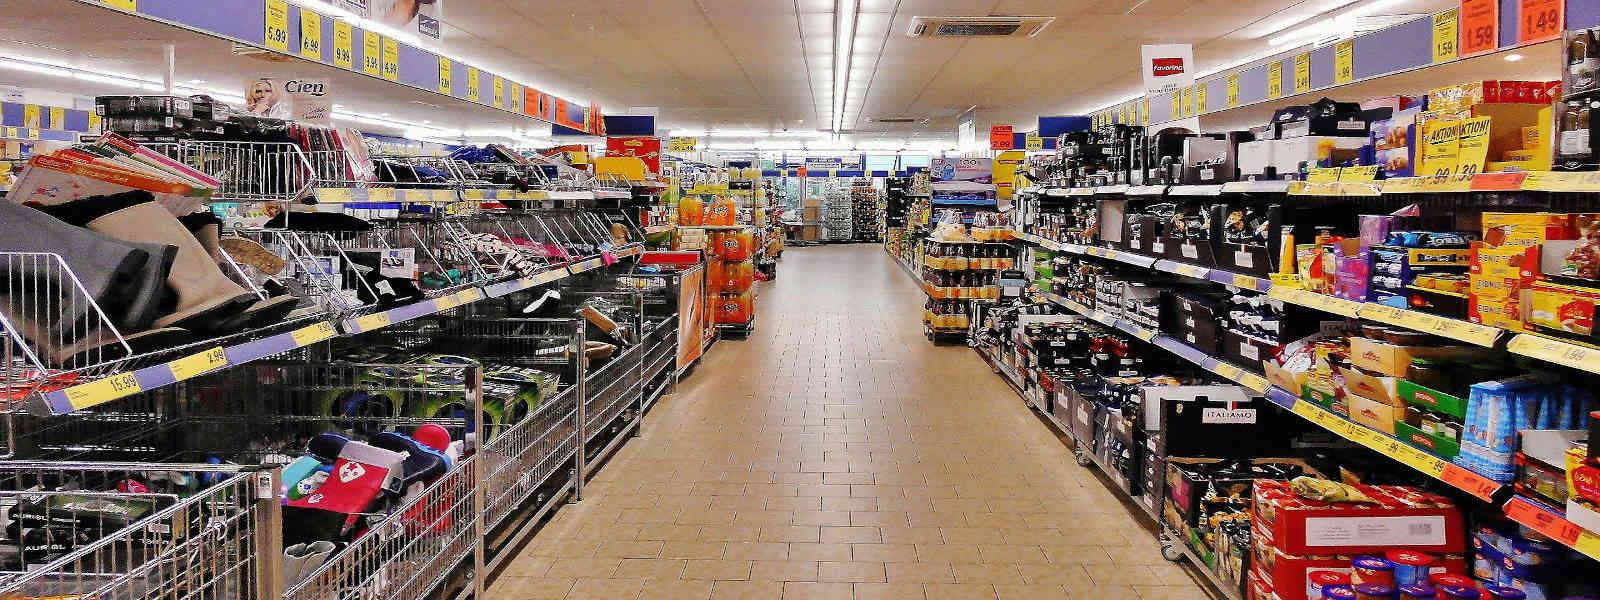 Supermercato a reddito e 4 negozi al 9,31% NETTO